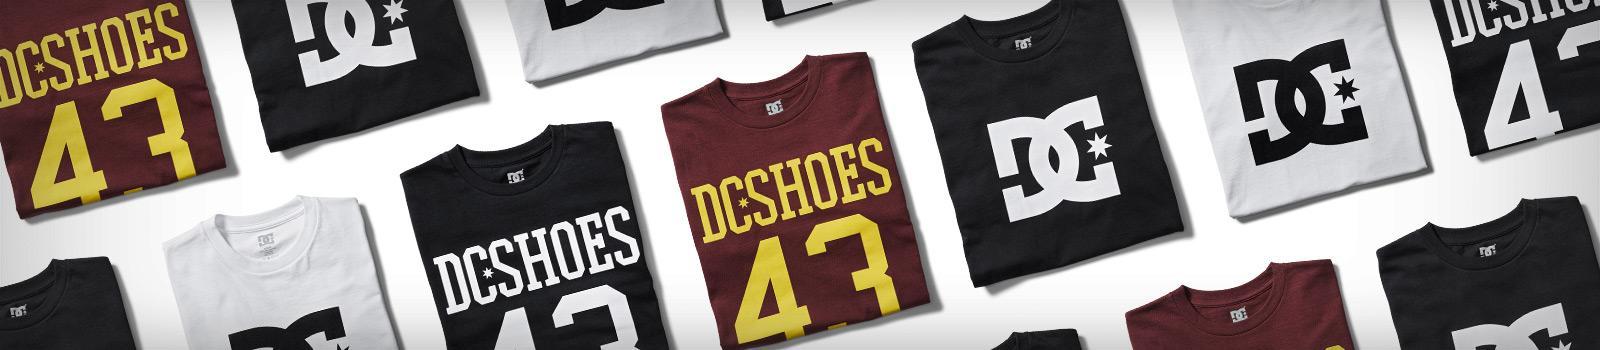 купить футболку поло мужскую, интернет магазин мужских футболок, футболки polo